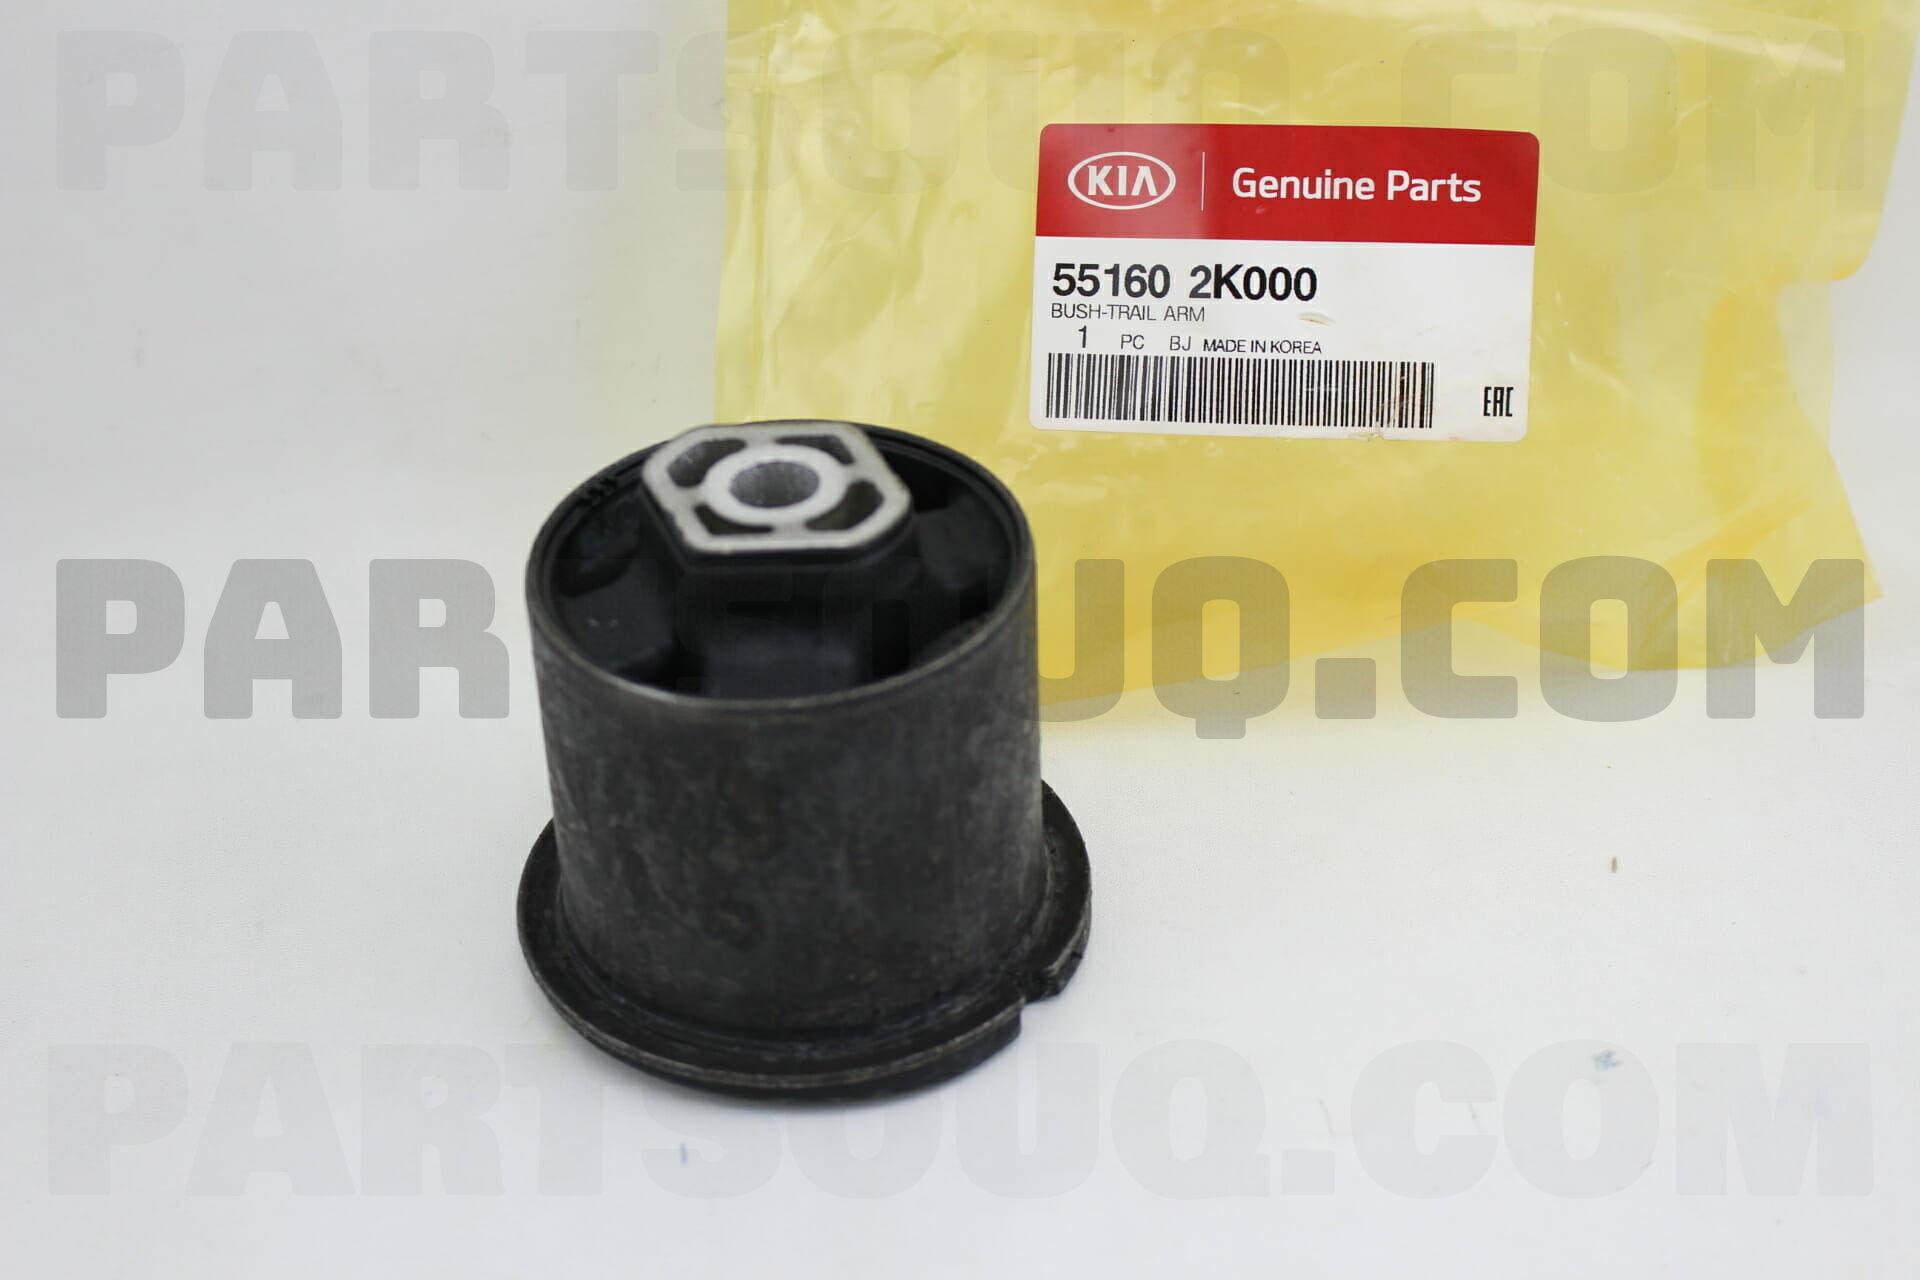 r/ésistances /à puce SMD//SMT 1/% appareil de montage en surface Powertool Kit de 660 r/ésistances SMD SMT 33 valeurs blanc